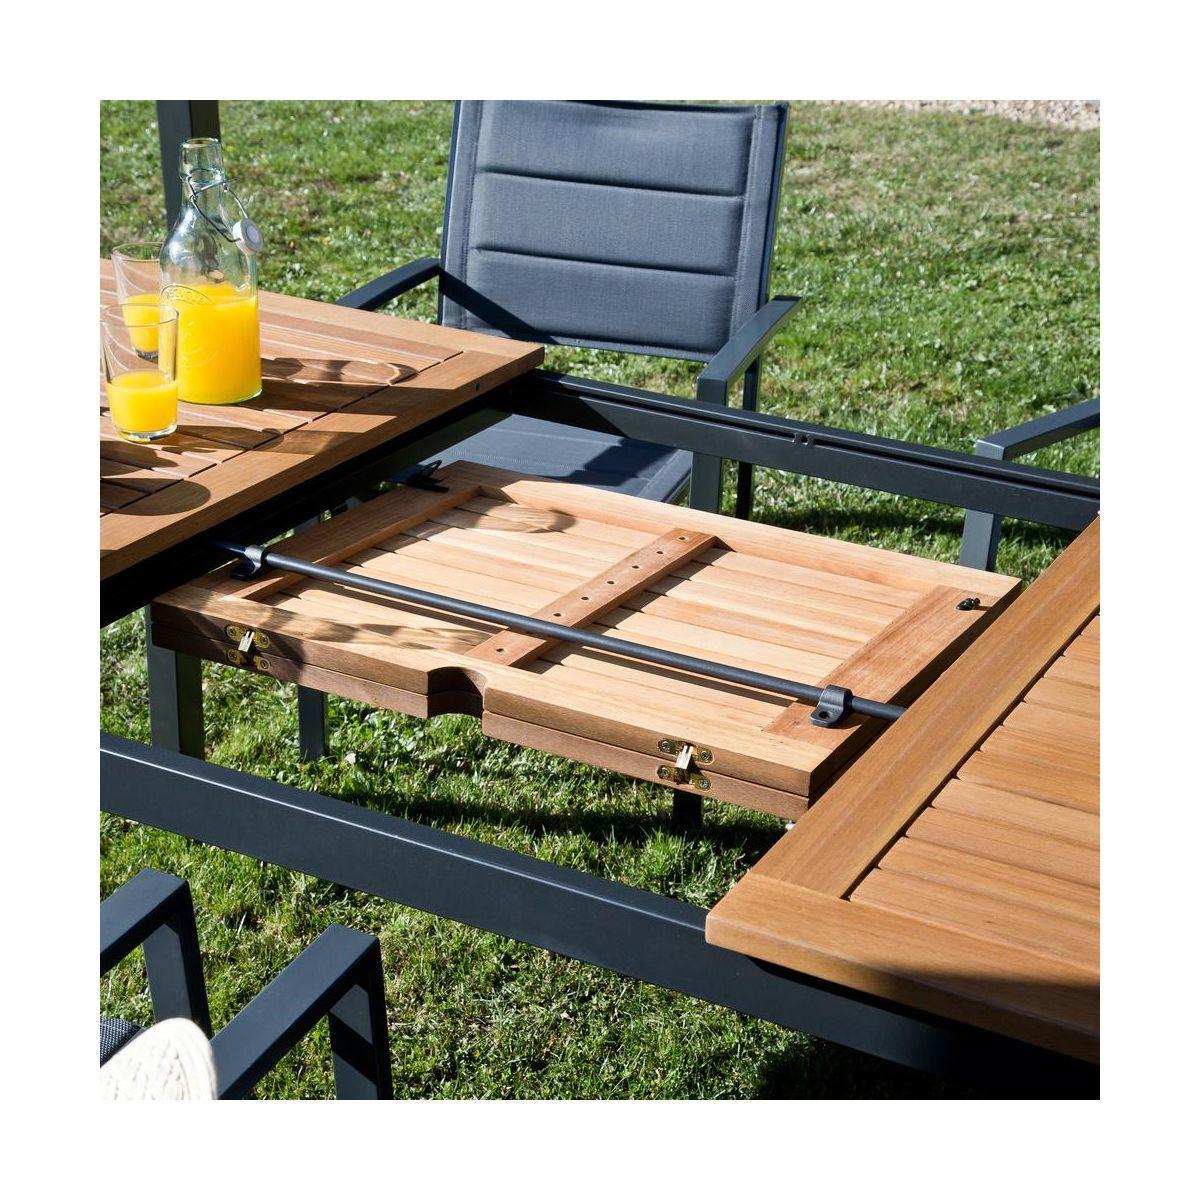 Stol Ogrodowy Oris 100 X 180 240 Cm Drewniany Naterial Stoly Ogrodowe W Atrakcyjnej Cenie W Sklepach Leroy Merlin Outdoor Decor Outdoor Furniture Decor